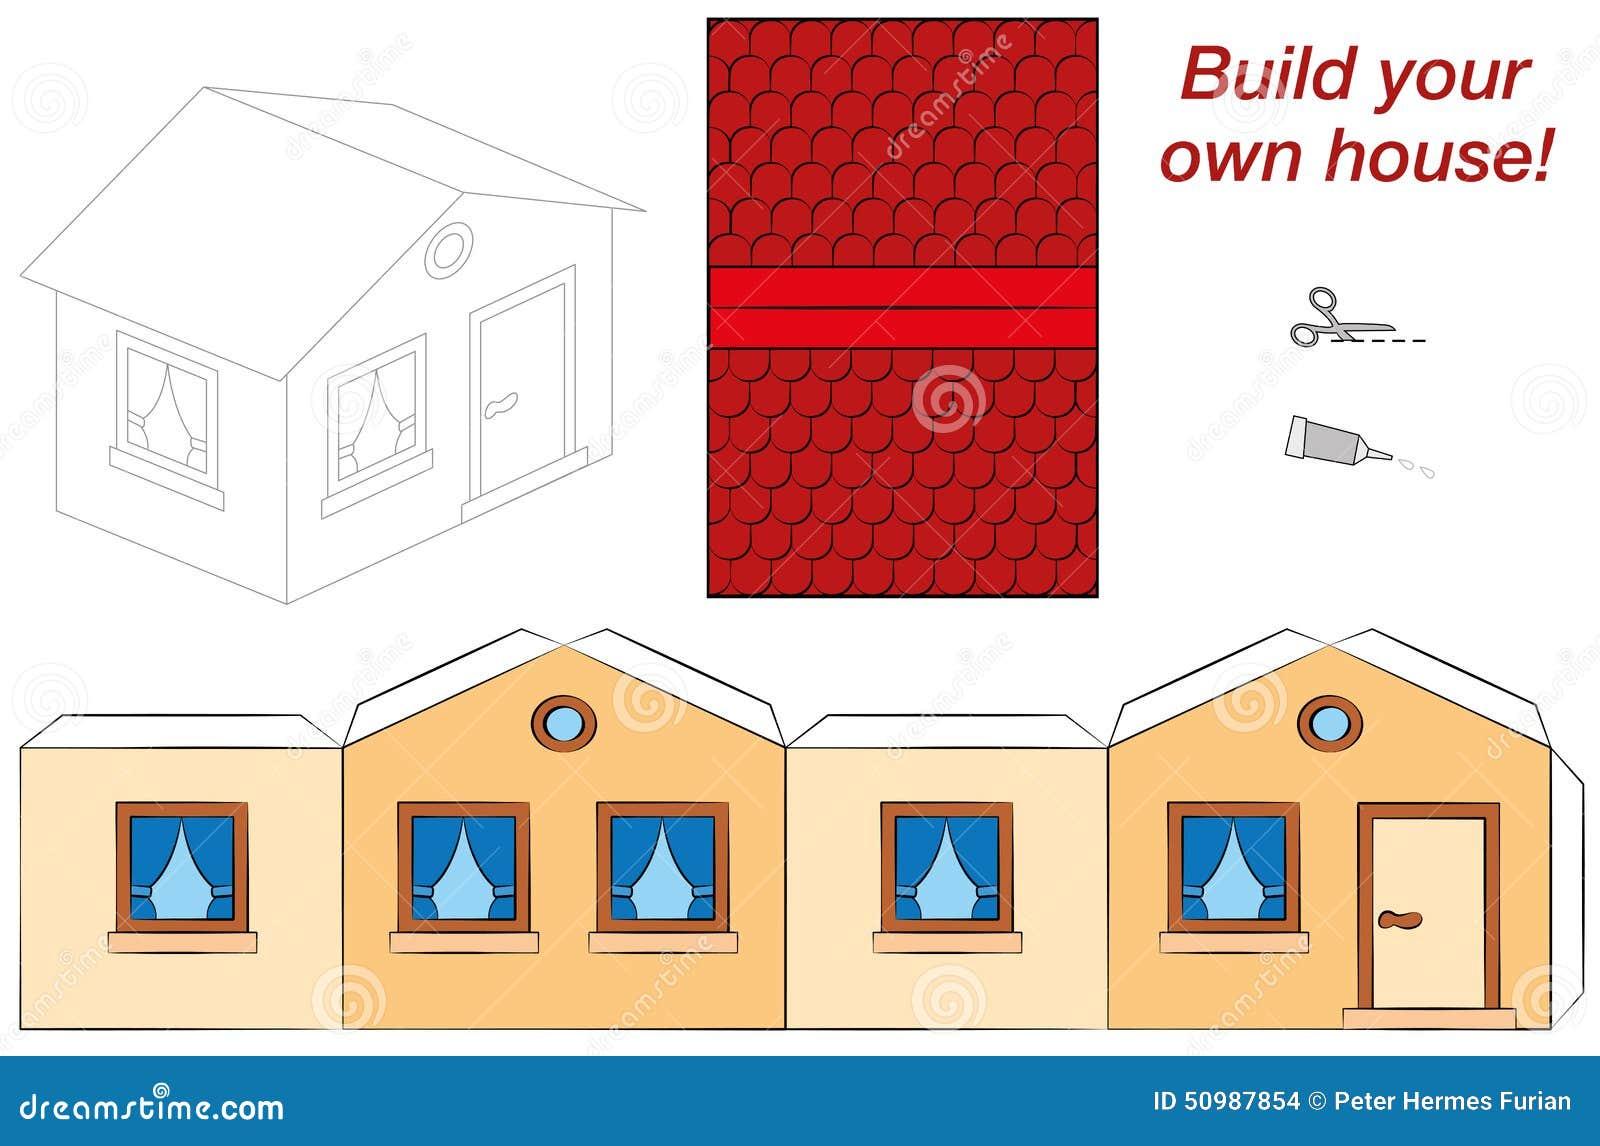 Plantilla linda de la casa ilustraci n del vector imagen for Build your house online free